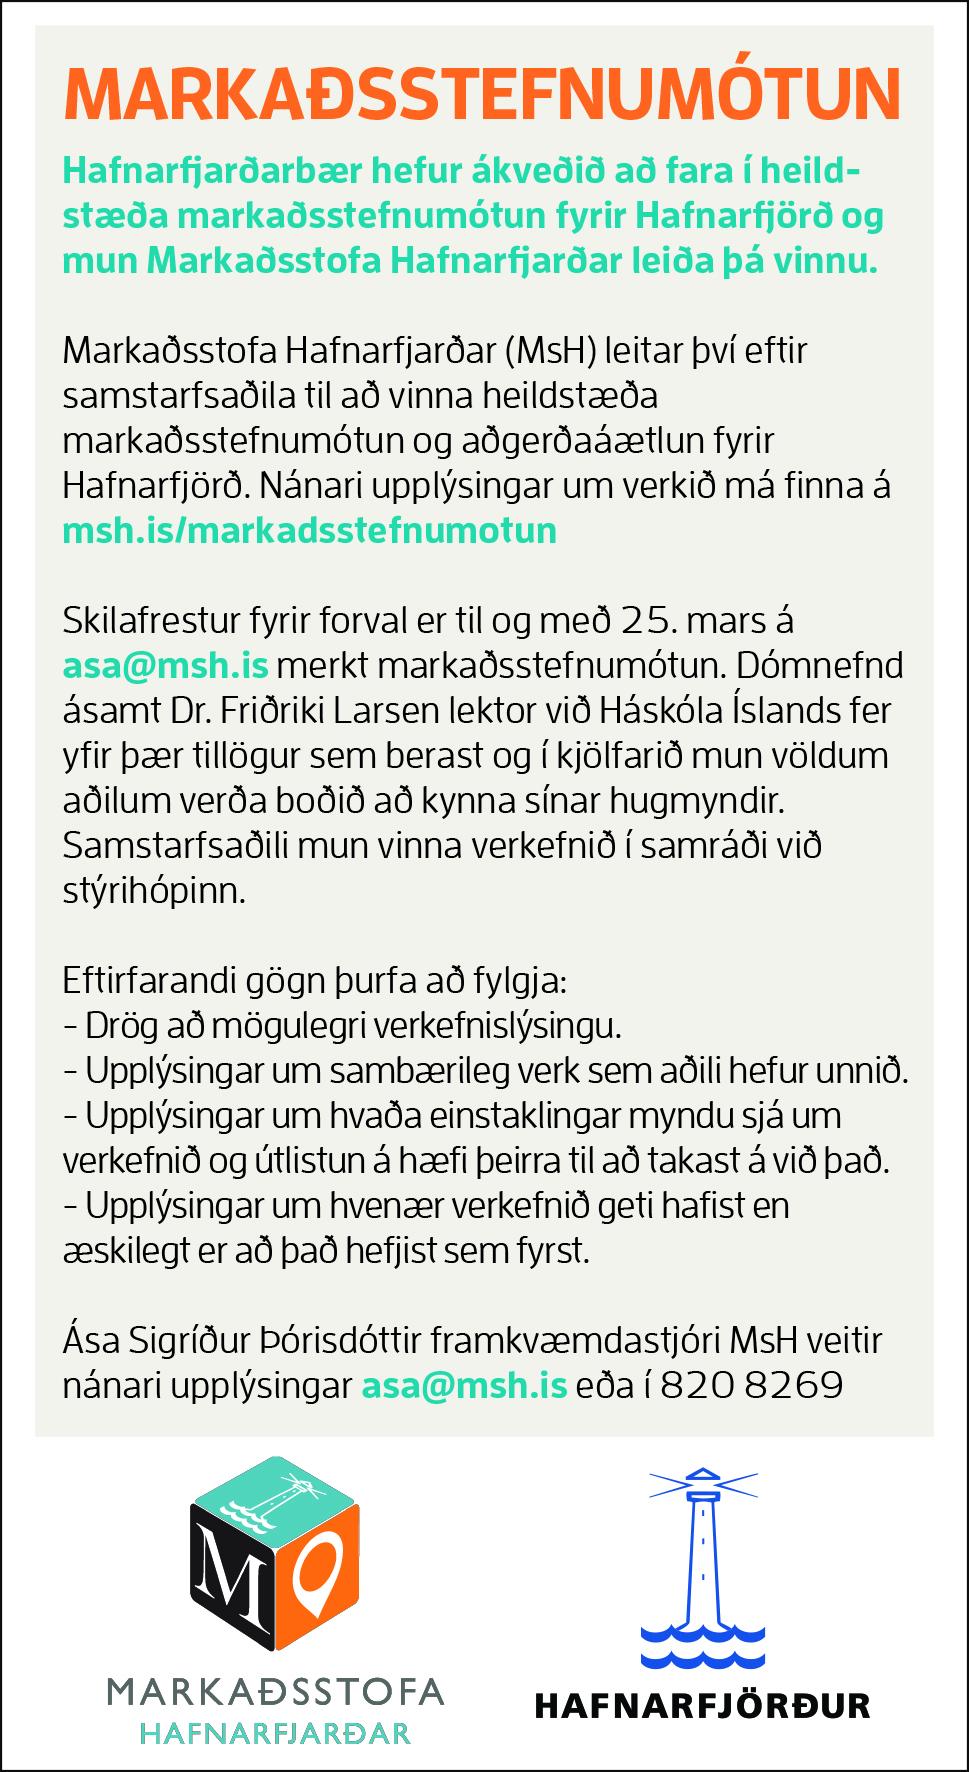 Markaðsstefnumótun-09-03-2018.jpg